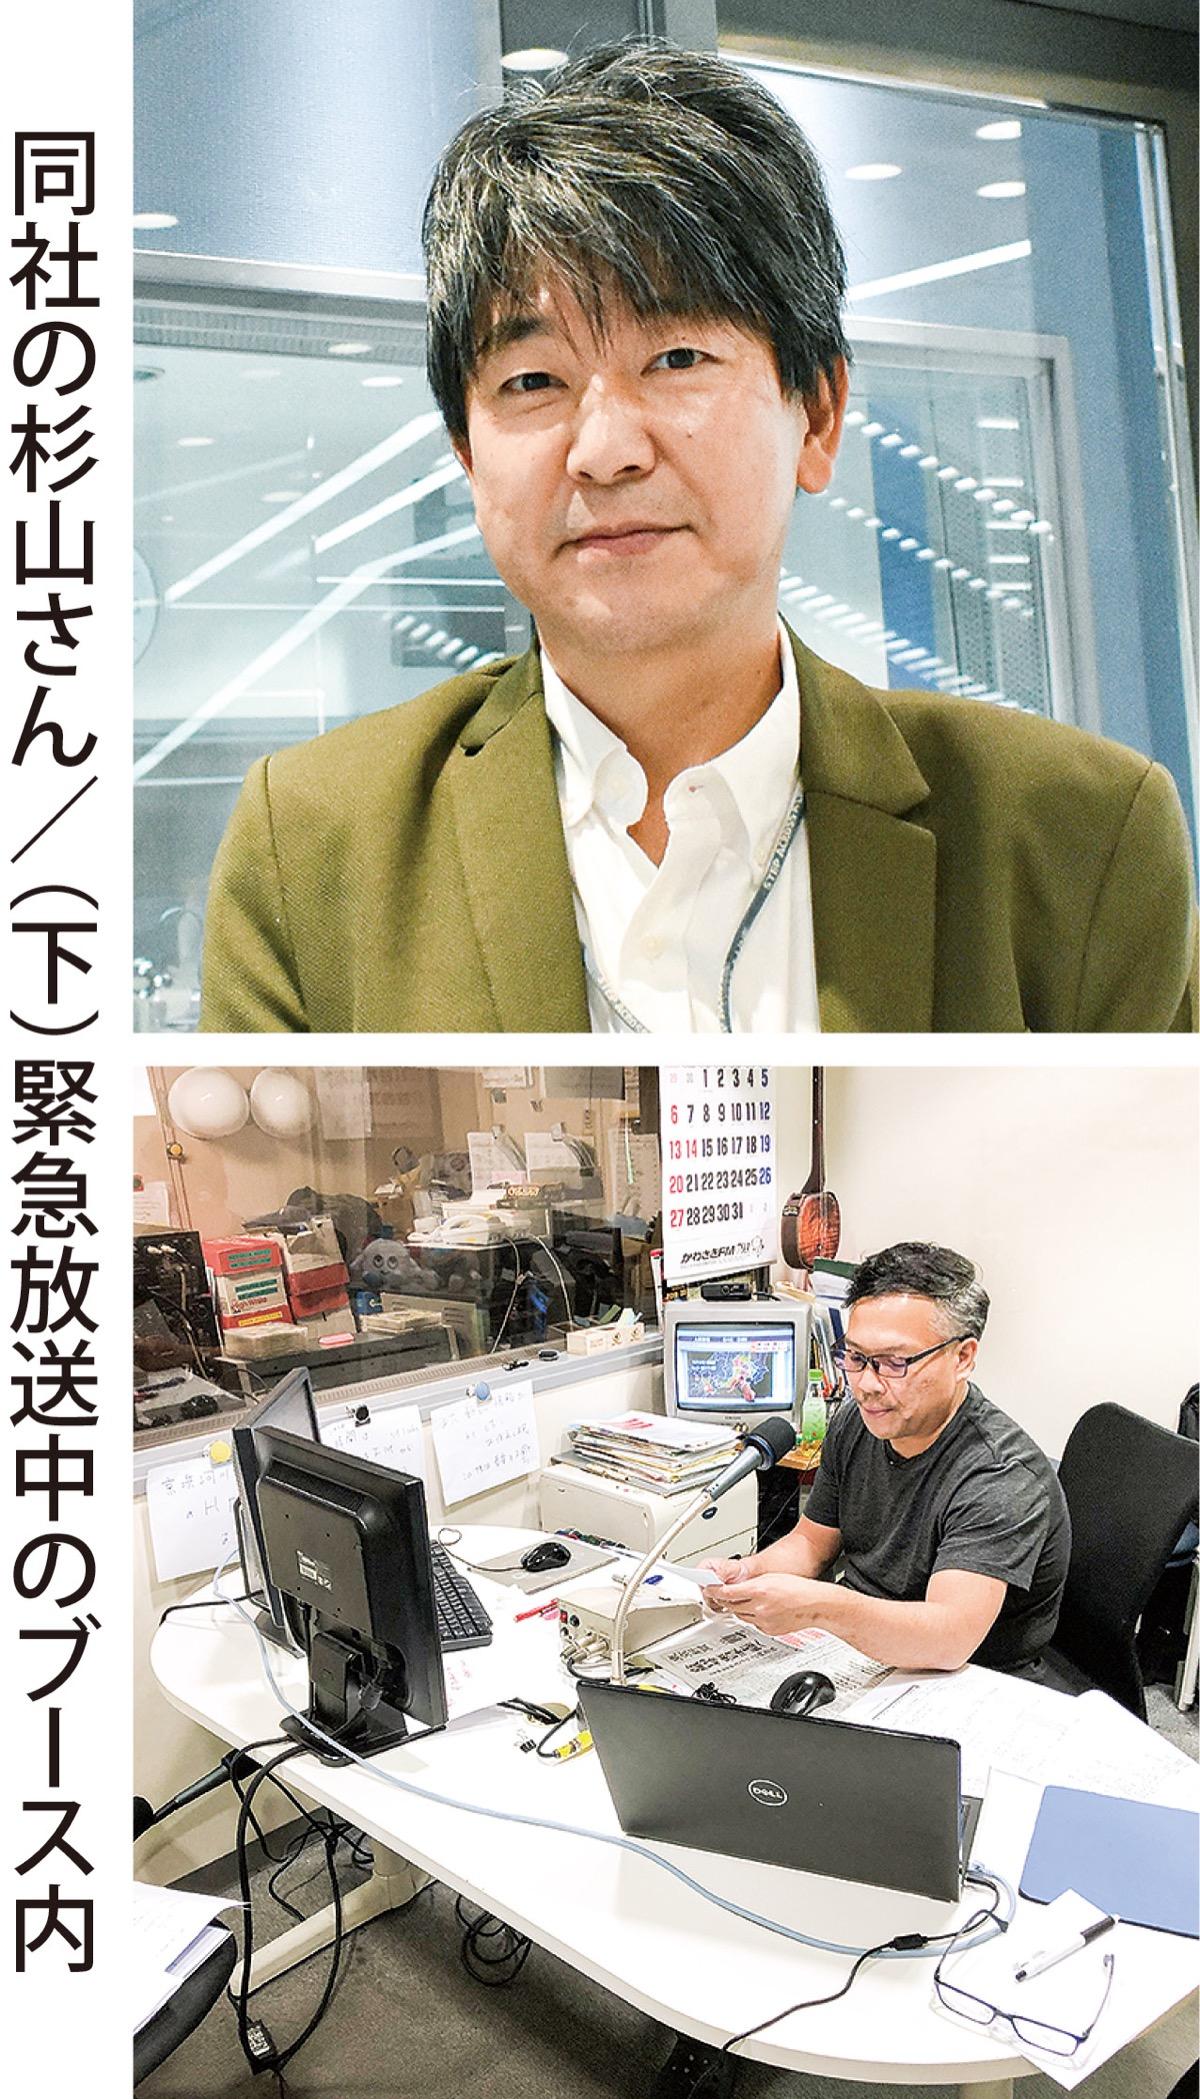 かわさきFM 台風受け、AI放送導入 今年春から | 中原区 | タウンニュース